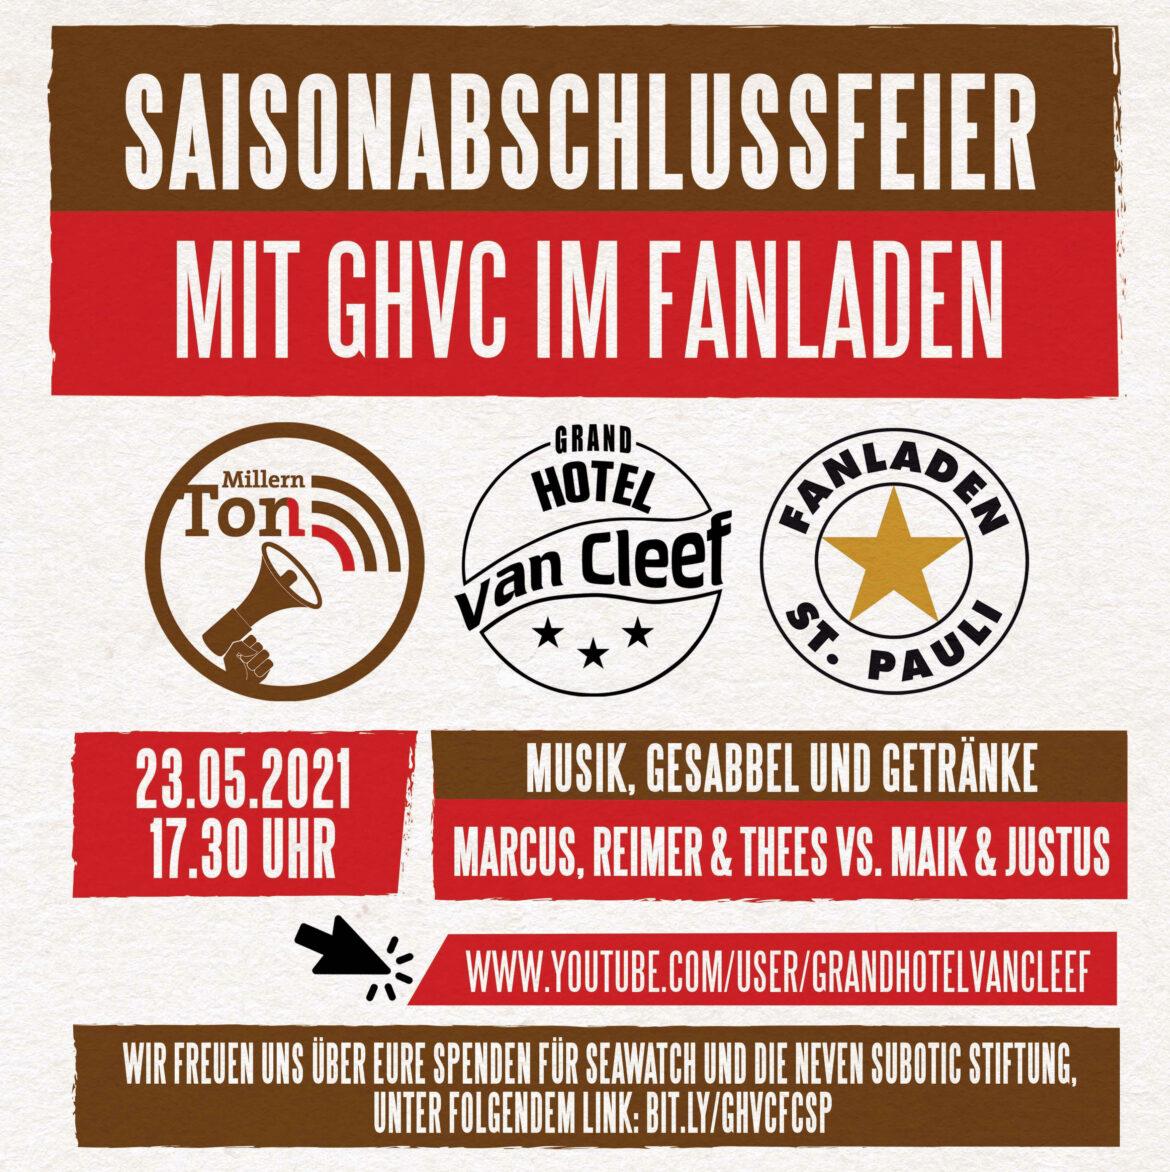 MillernTöne – Saisonabschlussfeier mit GHvC im Fanladen